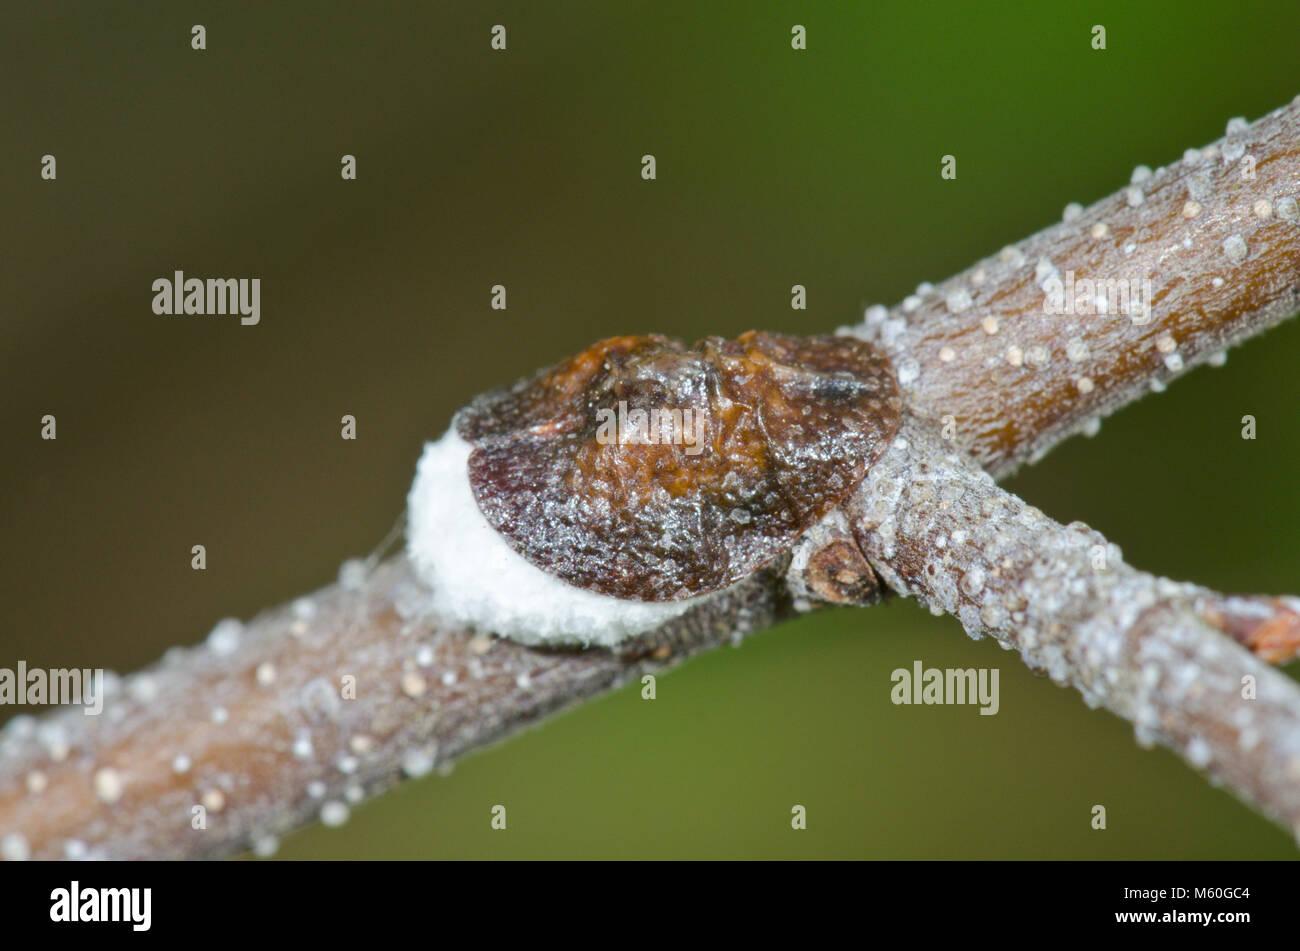 Cottony vine scale (Pulvinaria vitis), Coccidae. Sussex, UK - Stock Image